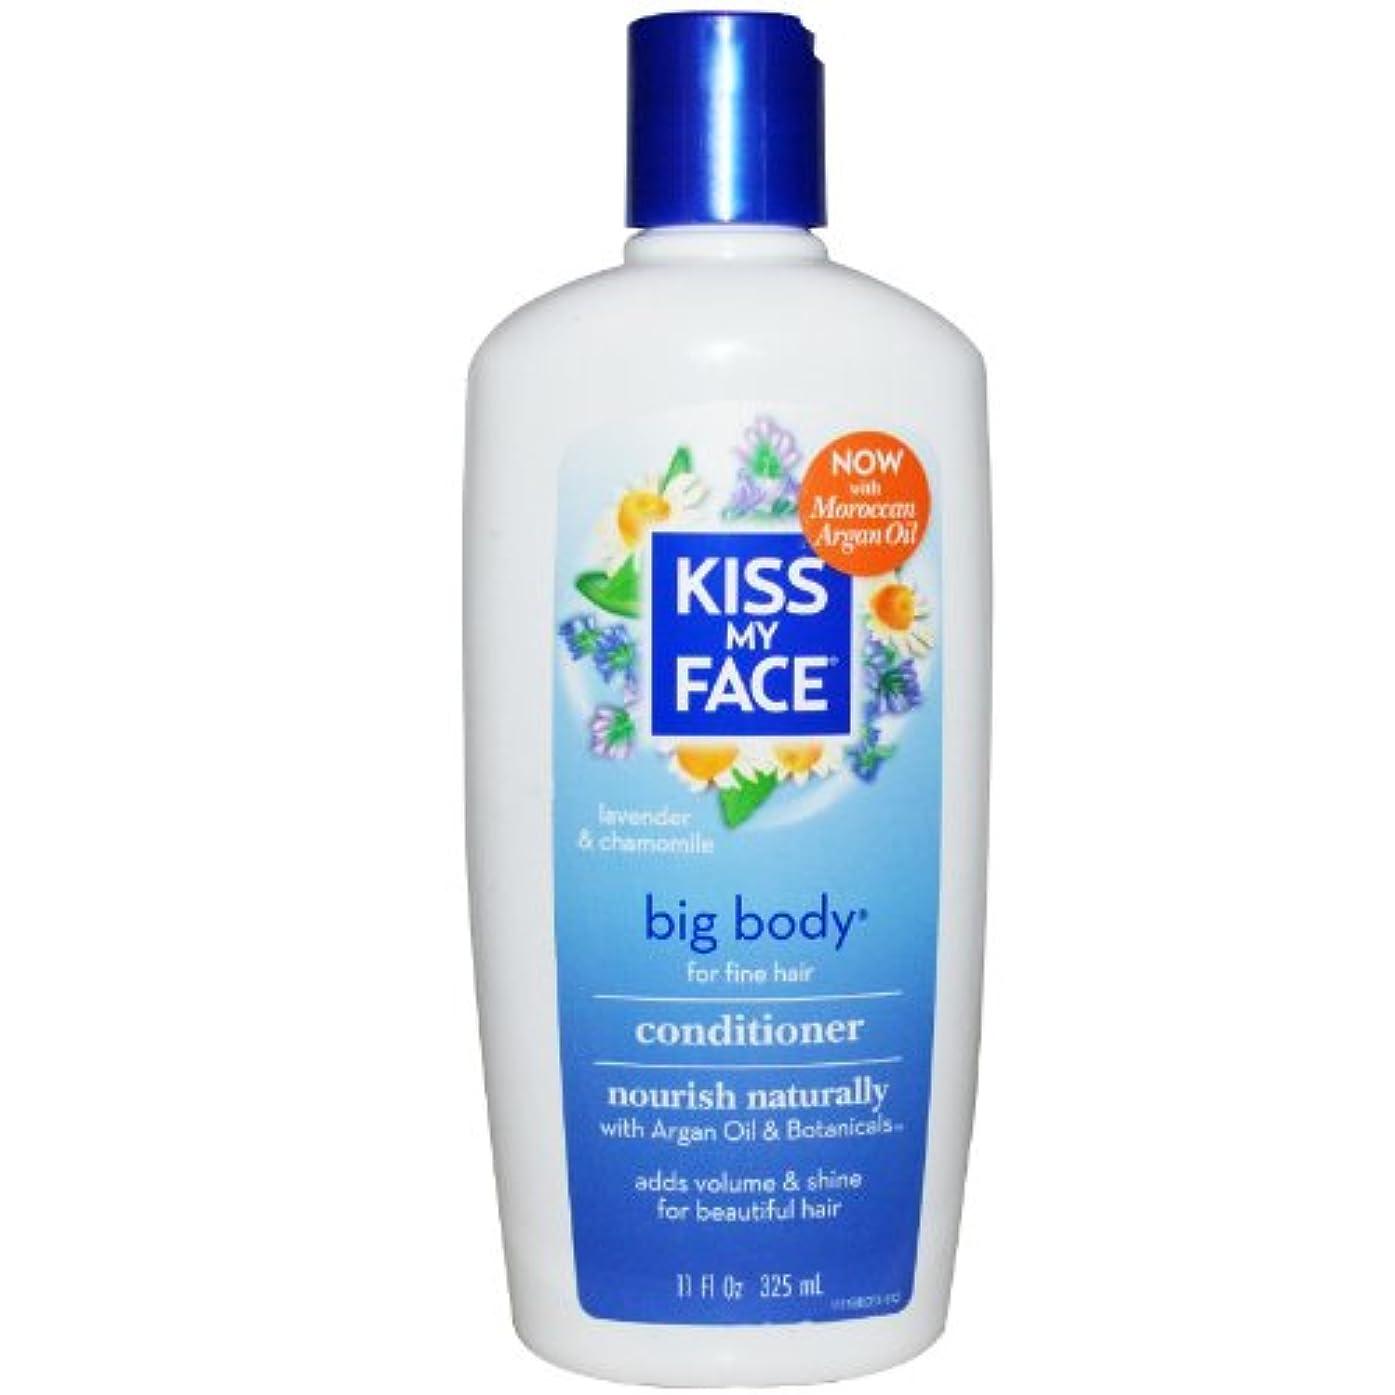 口ひげ却下する粉砕するKiss My Face Big Body Conditioner Lavender and Chamomile - 11 fl oz